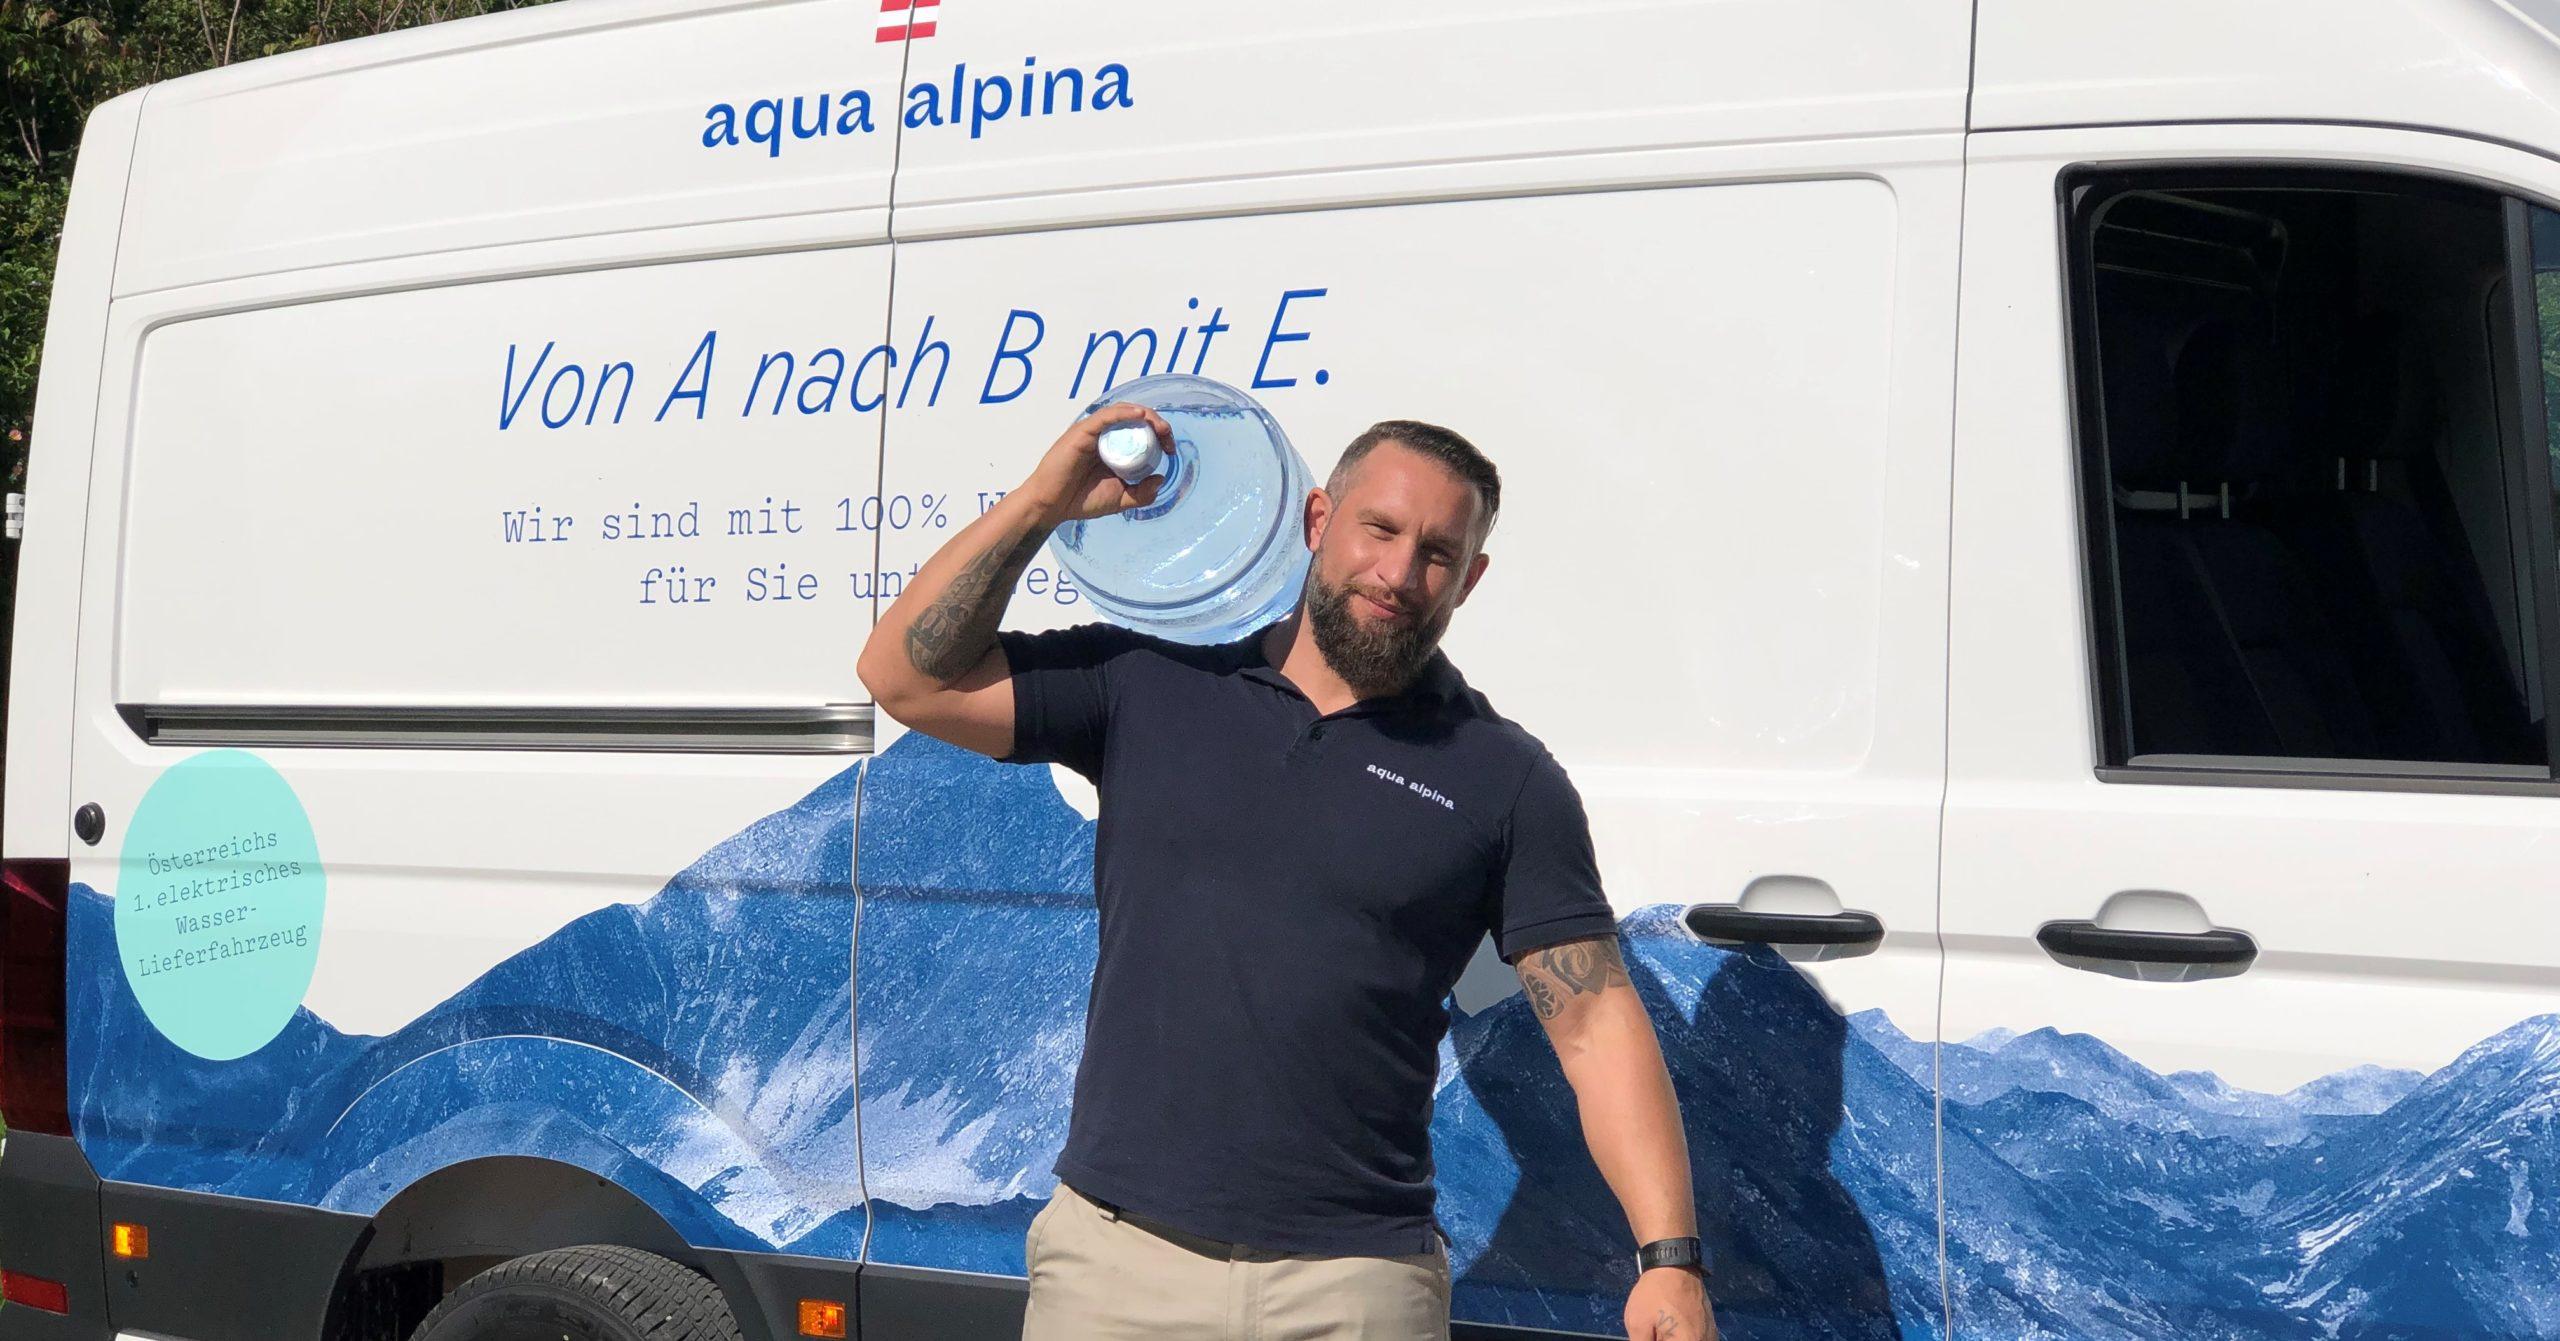 Lieferant holt Wasserflasche aus dem Auto